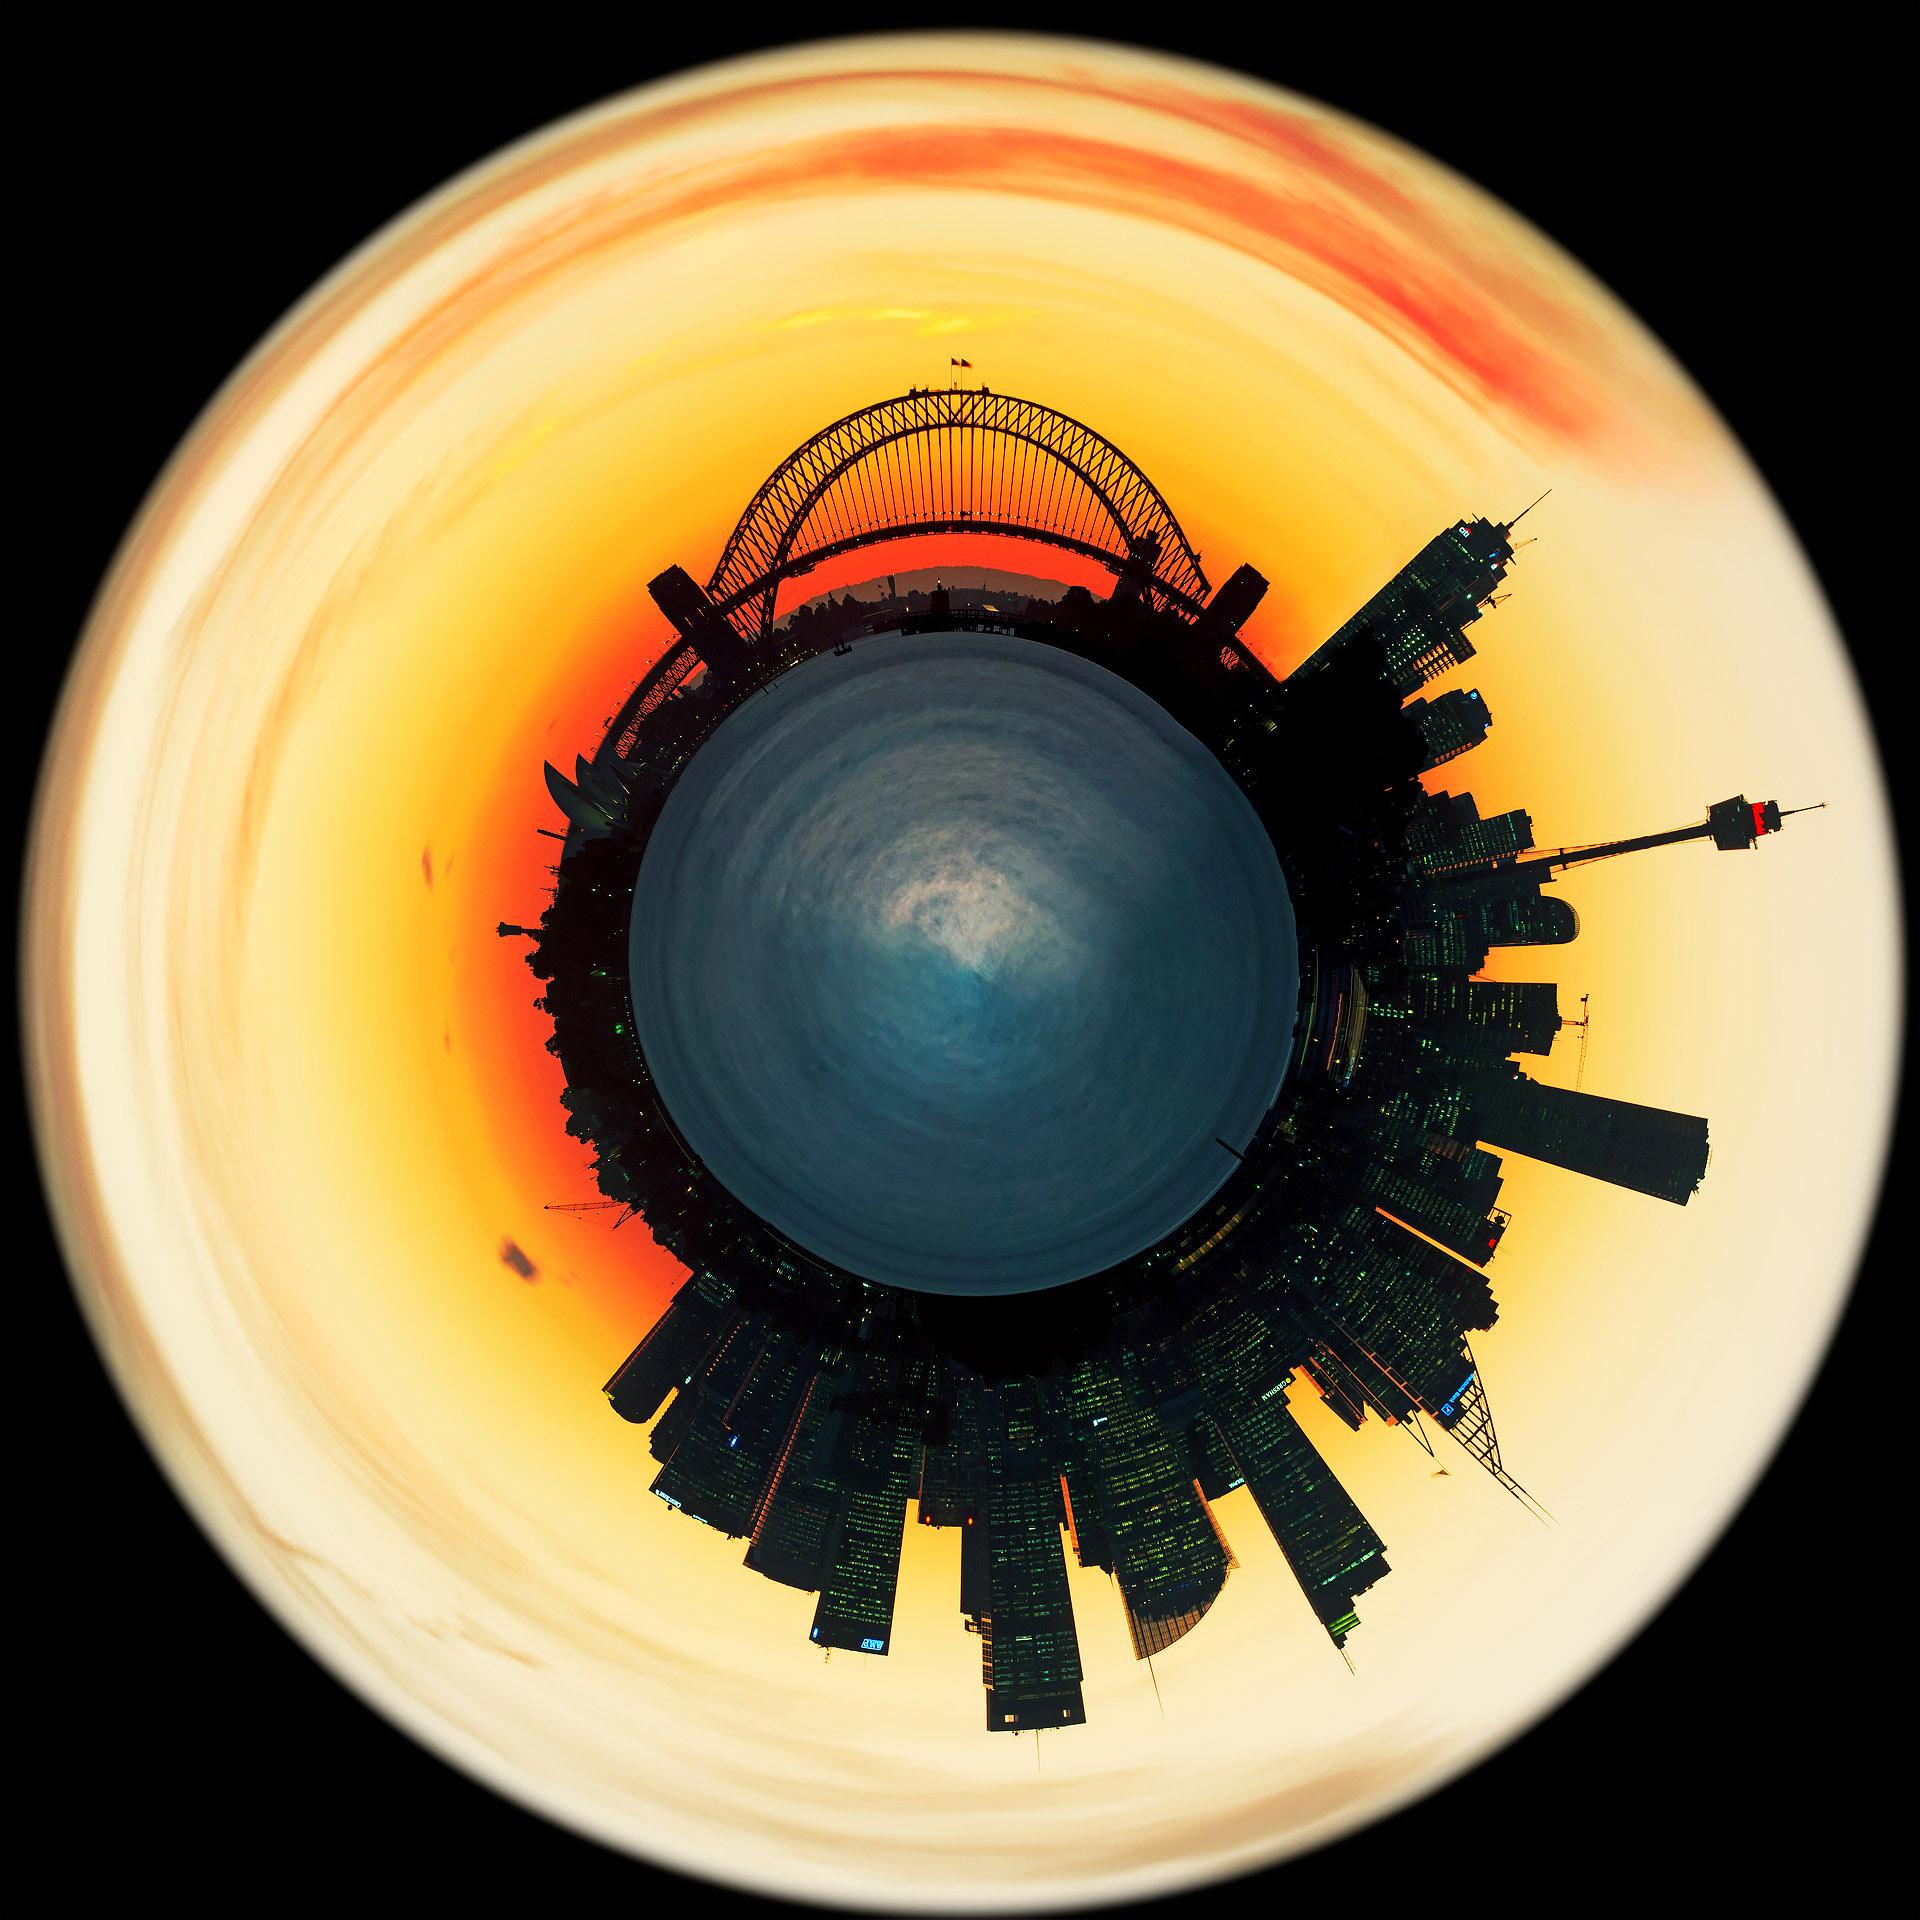 Planet Photos